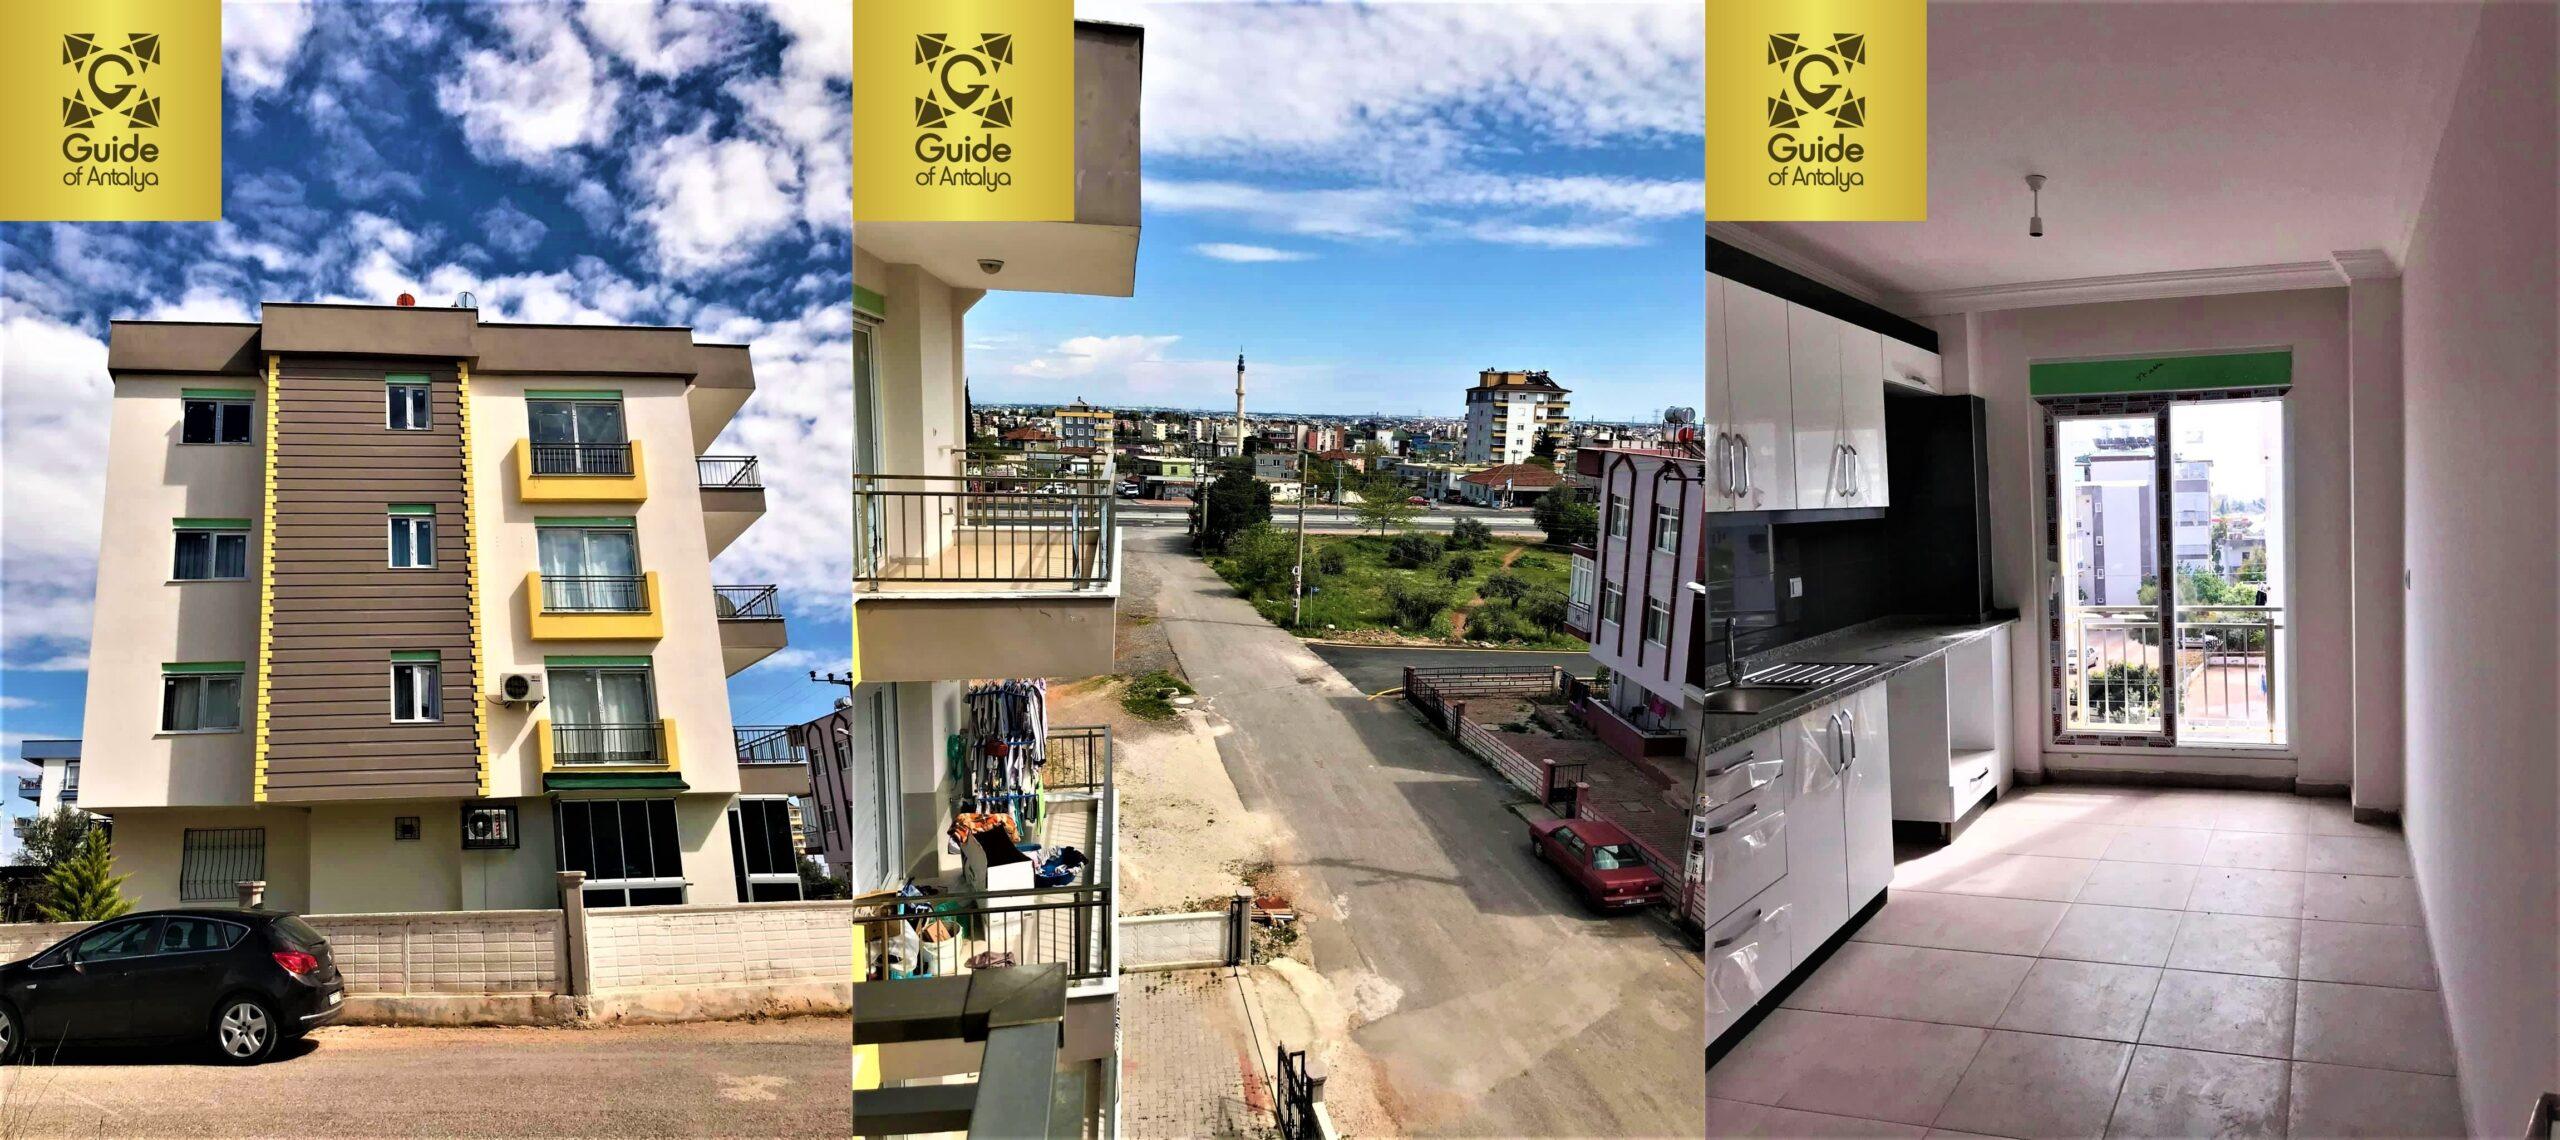 شقق للبيع في انطاليا كيبز، شقة حديثة البناء لم تسكن